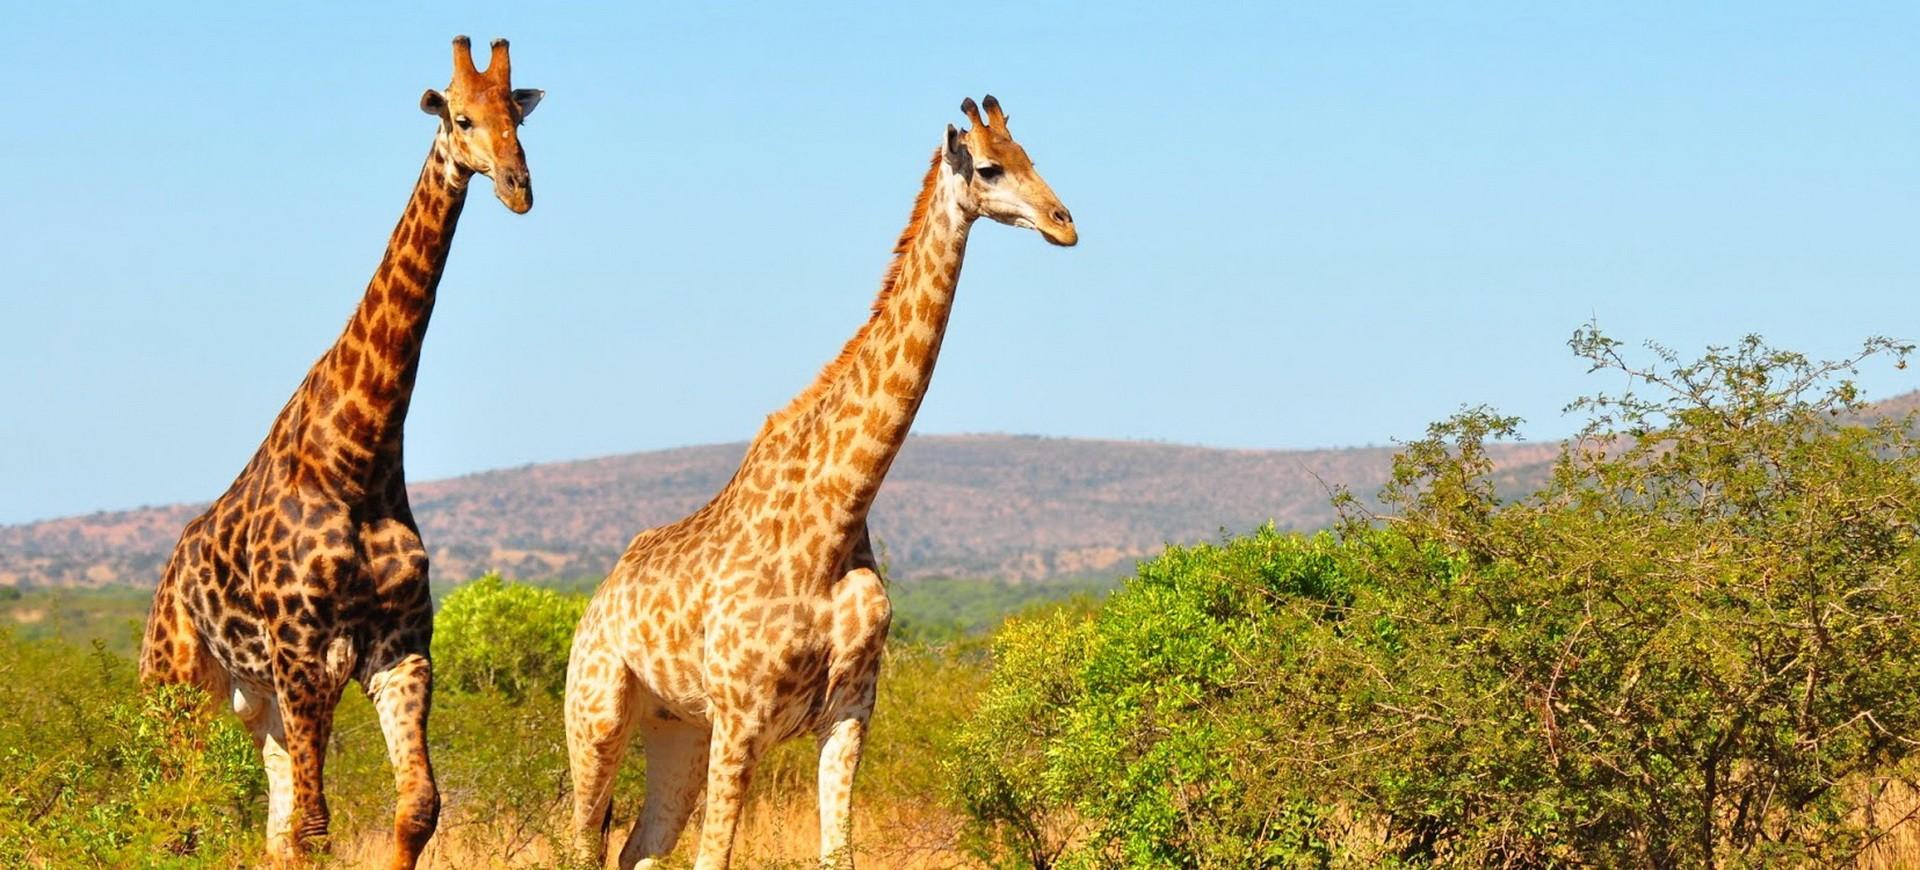 Girafes dans la réserve Hluhluwe Umfolozi